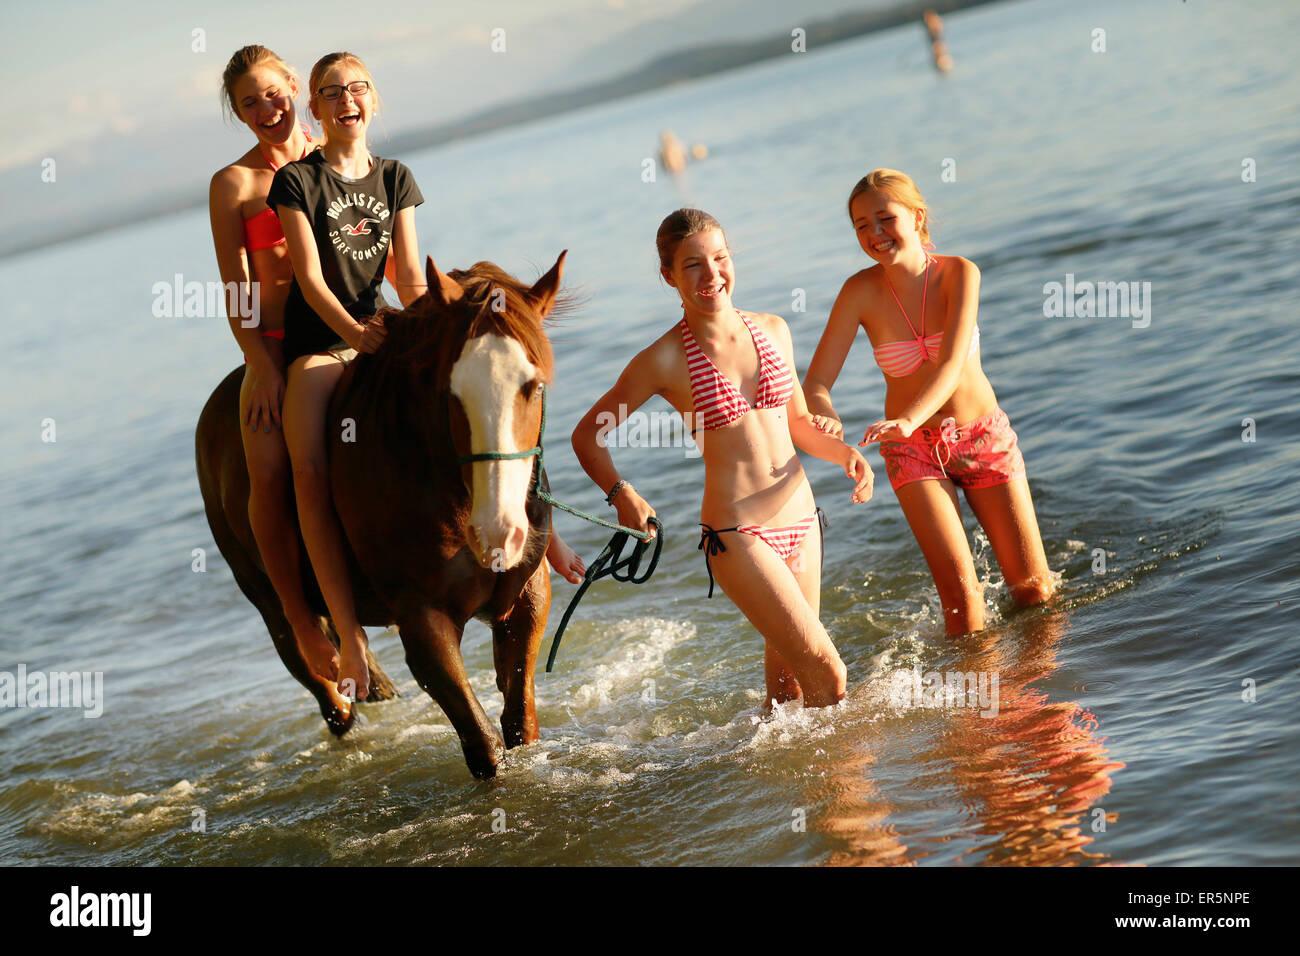 Le quattro ragazze con un cavallo nel lago di Starnberg, Ammerland, Munsing, Alta Baviera, Germania Immagini Stock